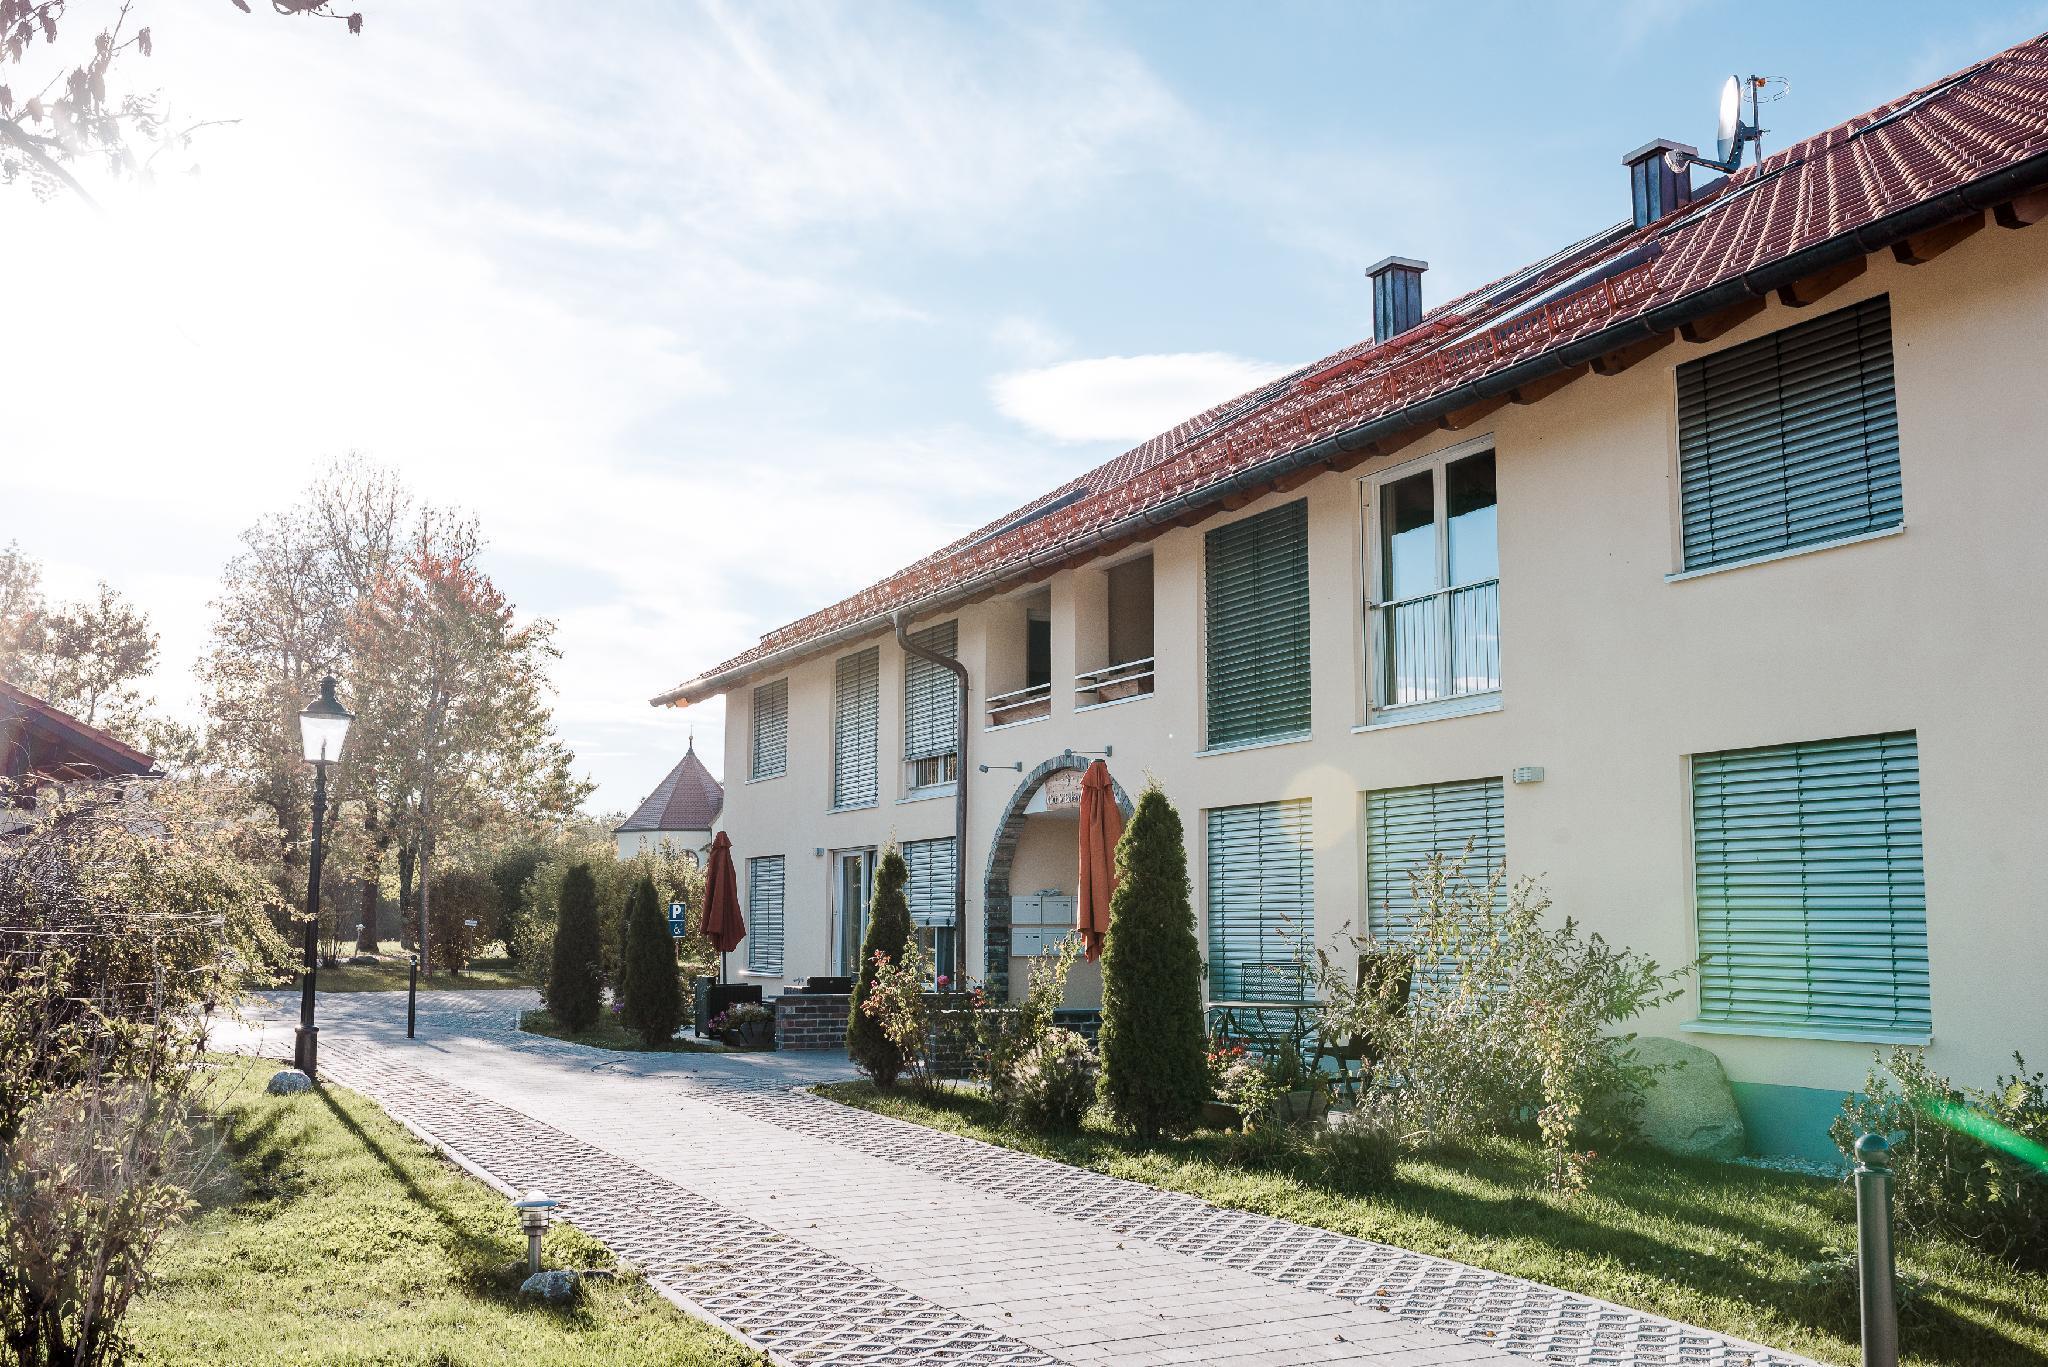 Wanderreitstation Gut Mischenried, Starnberg